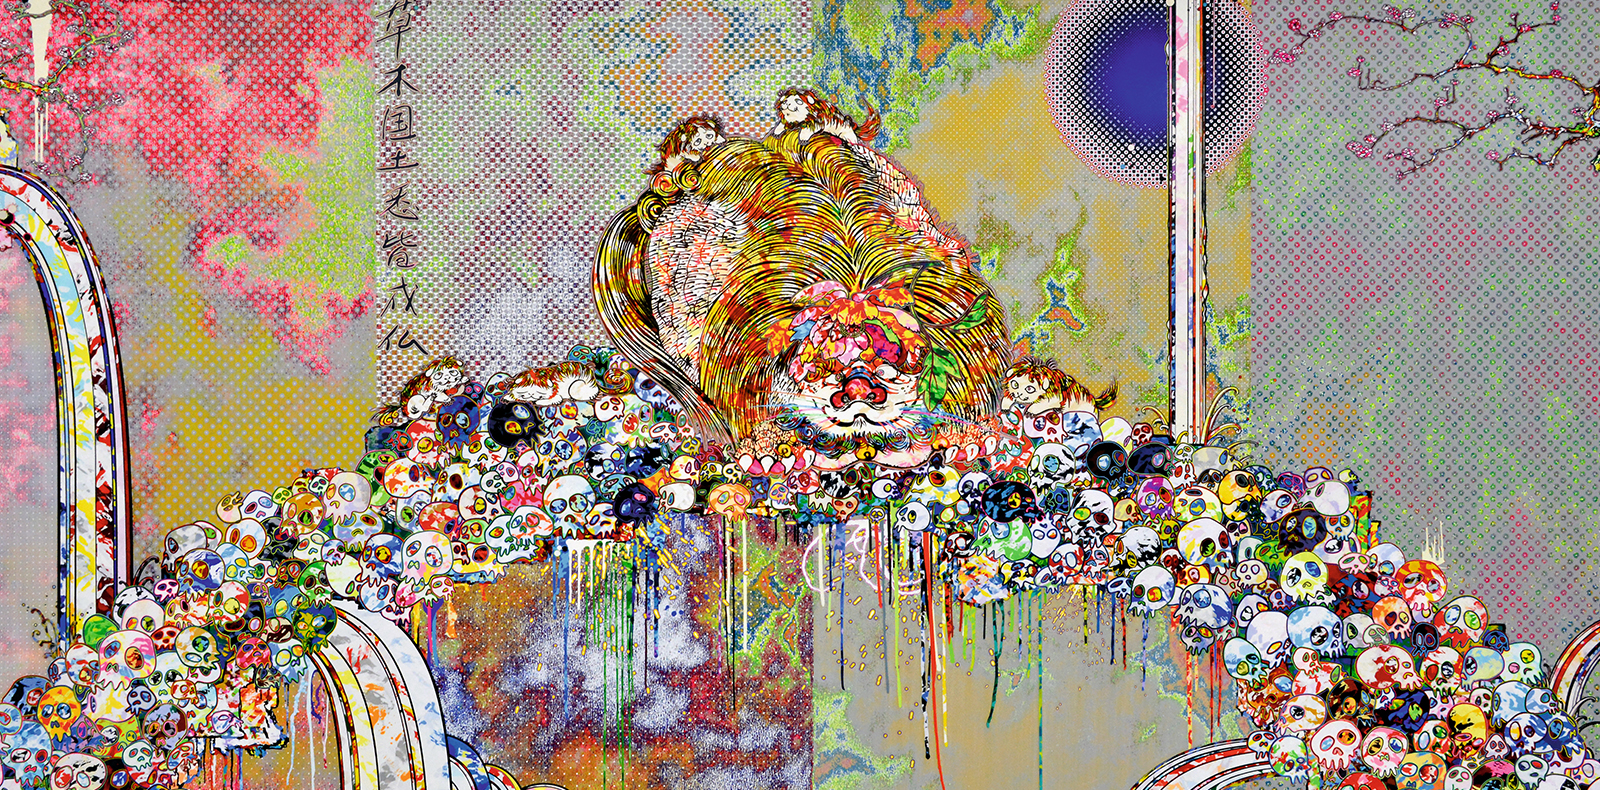 """""""The Lion of the Kingdom that Transcends Death"""" (2018) de Takashi Murakami. Acrylique sur toile montée sur panneau d'aluminium, 150 x 300 cm. À découvrir chez Gagosian Hong Kong dès le 20 septembre."""